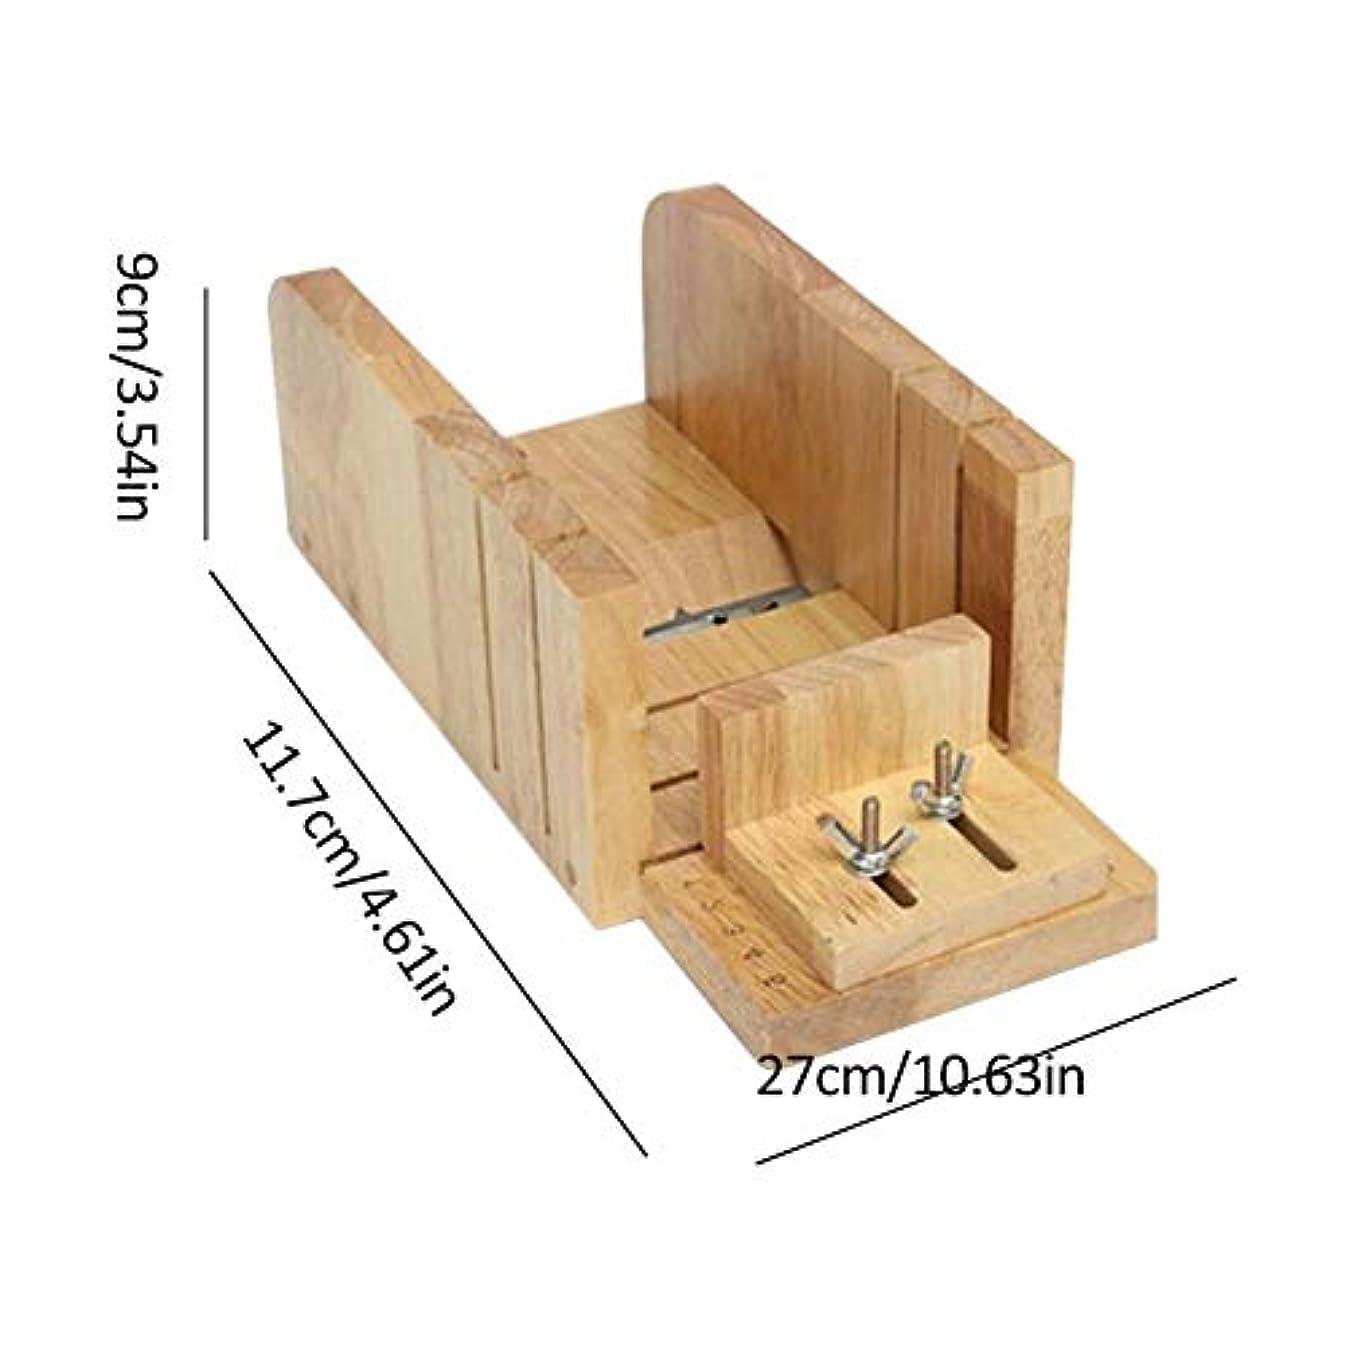 伸ばす指令のり3点セット ソープカッター 石けん金型ソープロープ カッター 木製 カッター ツールDIY 手作り 木製ボックス松木製 ストレートソープ包丁 ナイフ モールドソープ調整可能レトロ